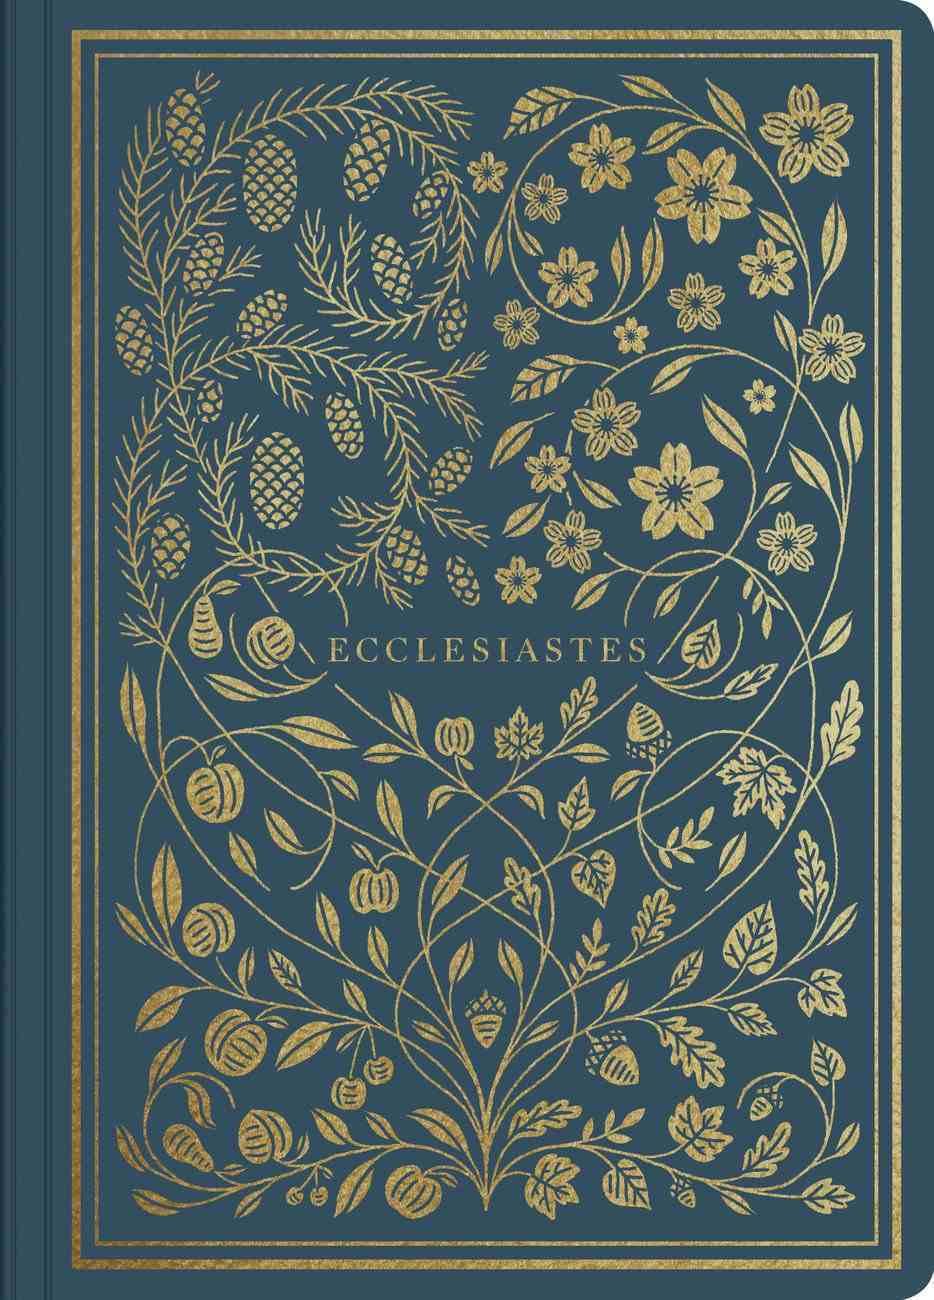 ESV Illuminated Scripture Journal Ecclesiastes (Black Letter Edition) Paperback